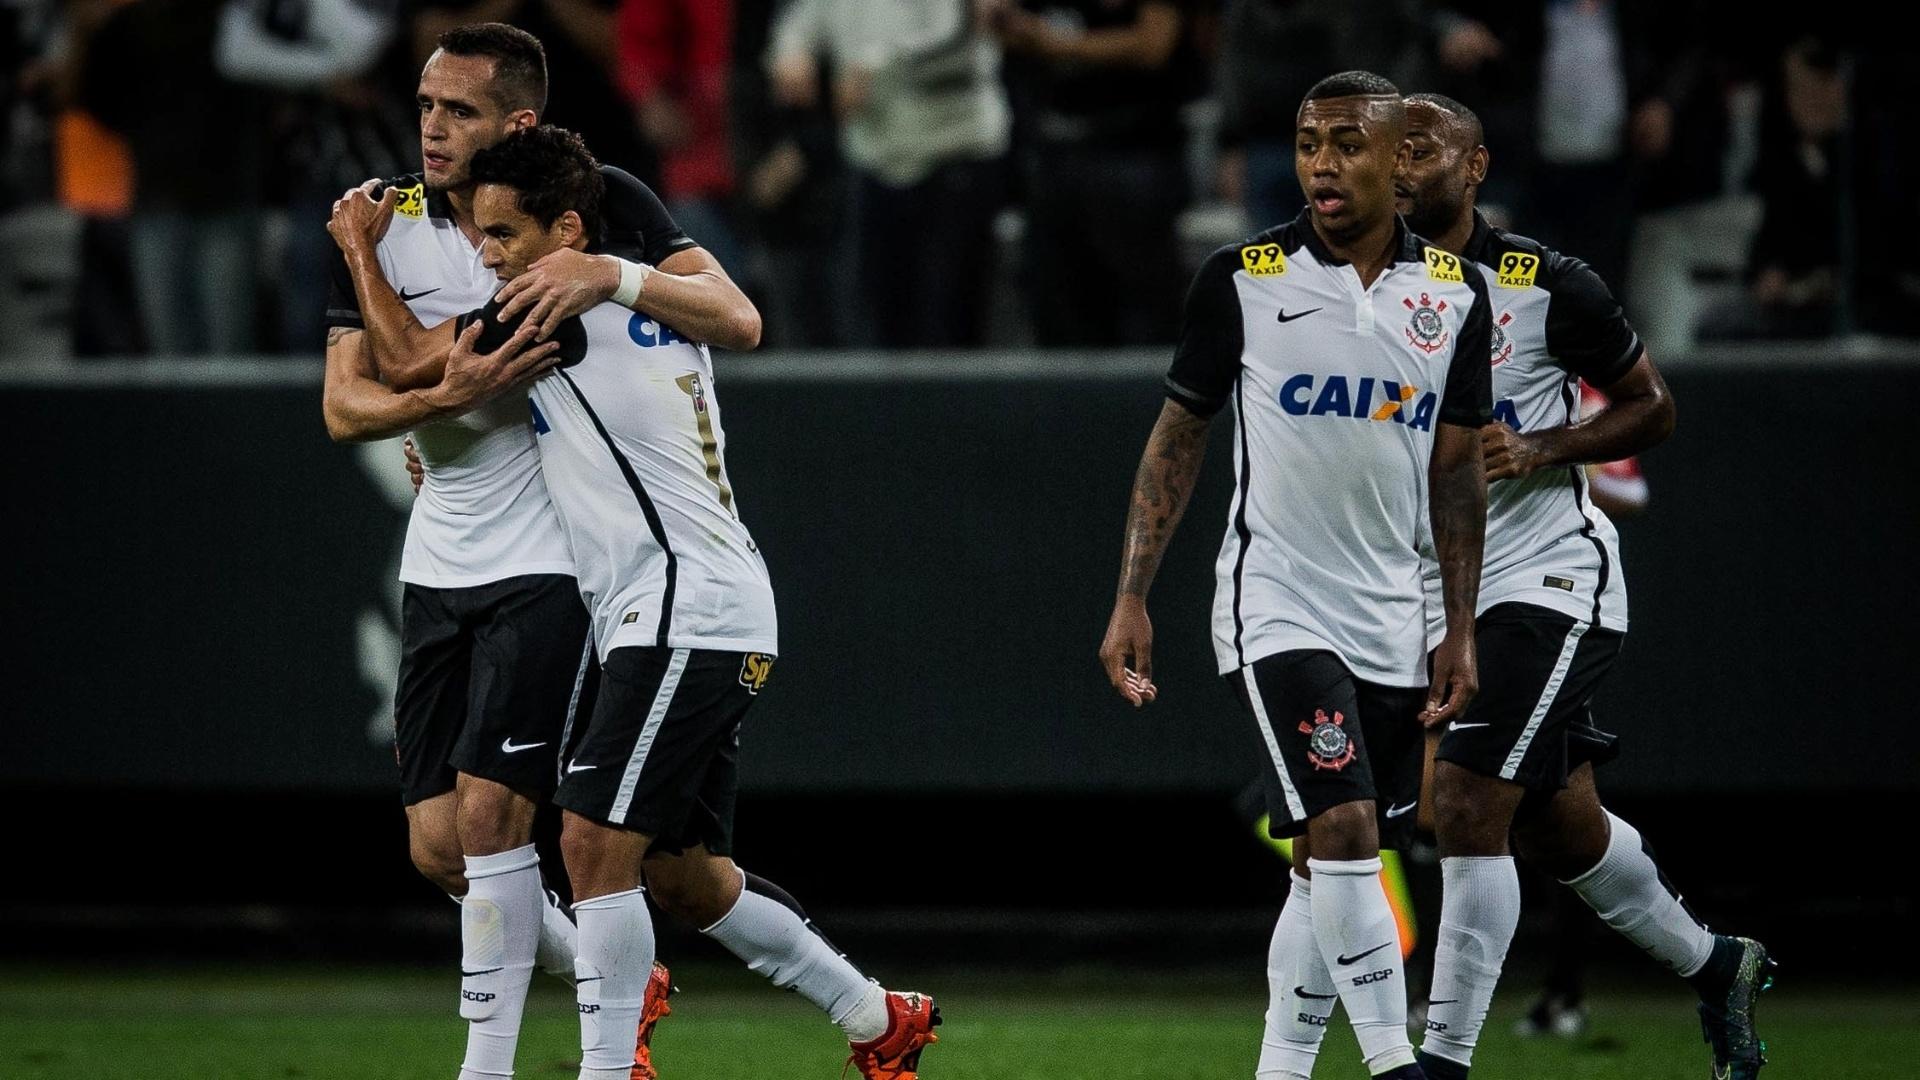 Destaques da campanha, Jadson e Renato Augusto se abraçam para comemorar 1º gol